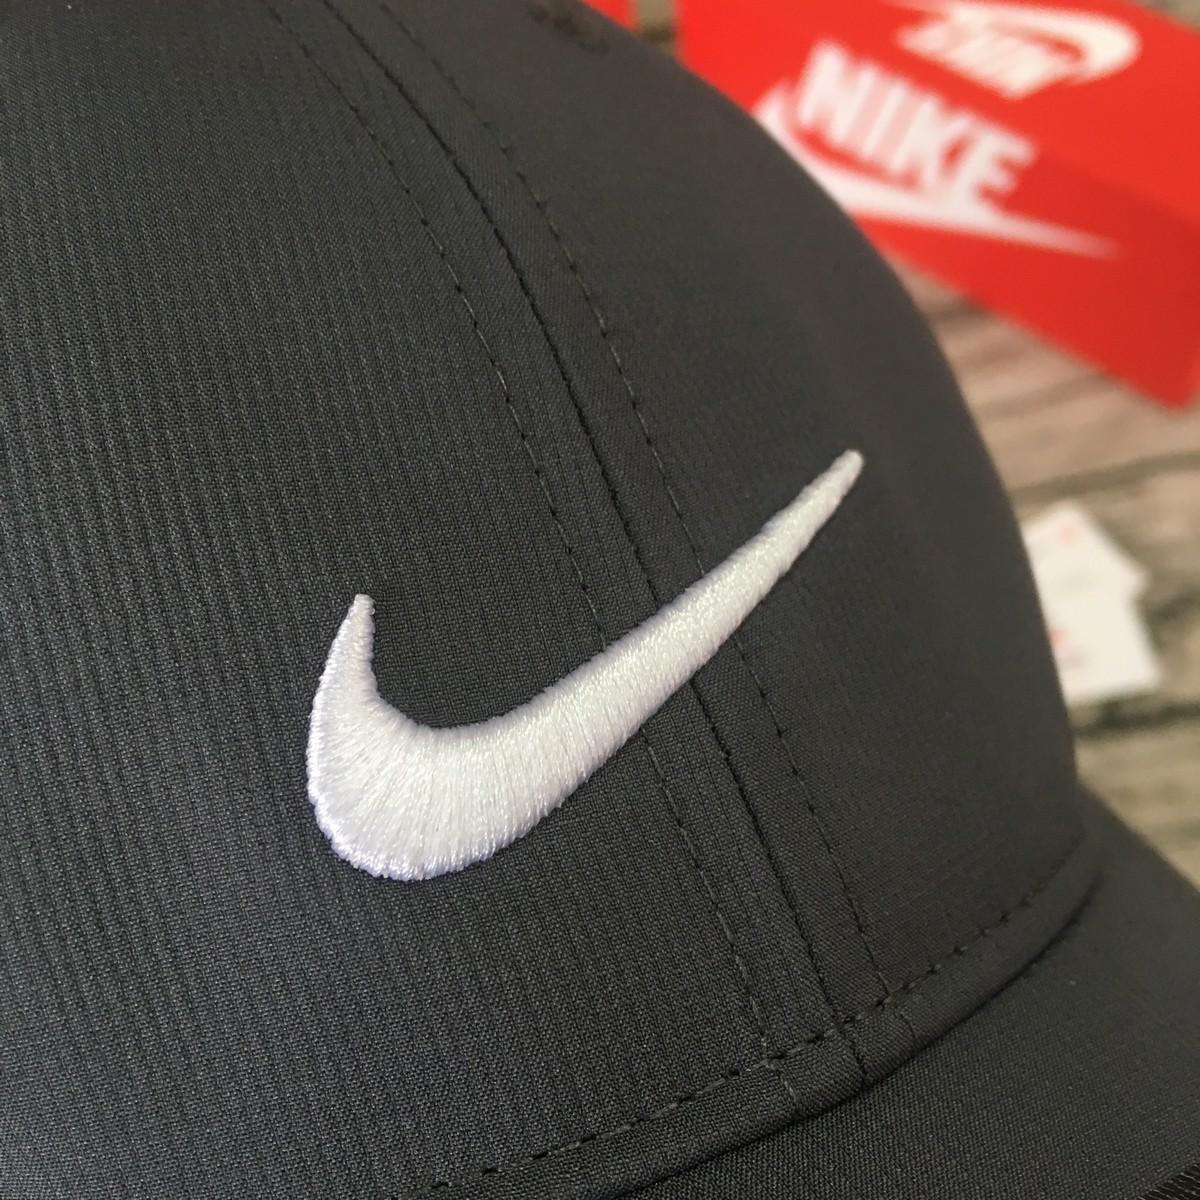 Mũ thể thao Nike 727042-021